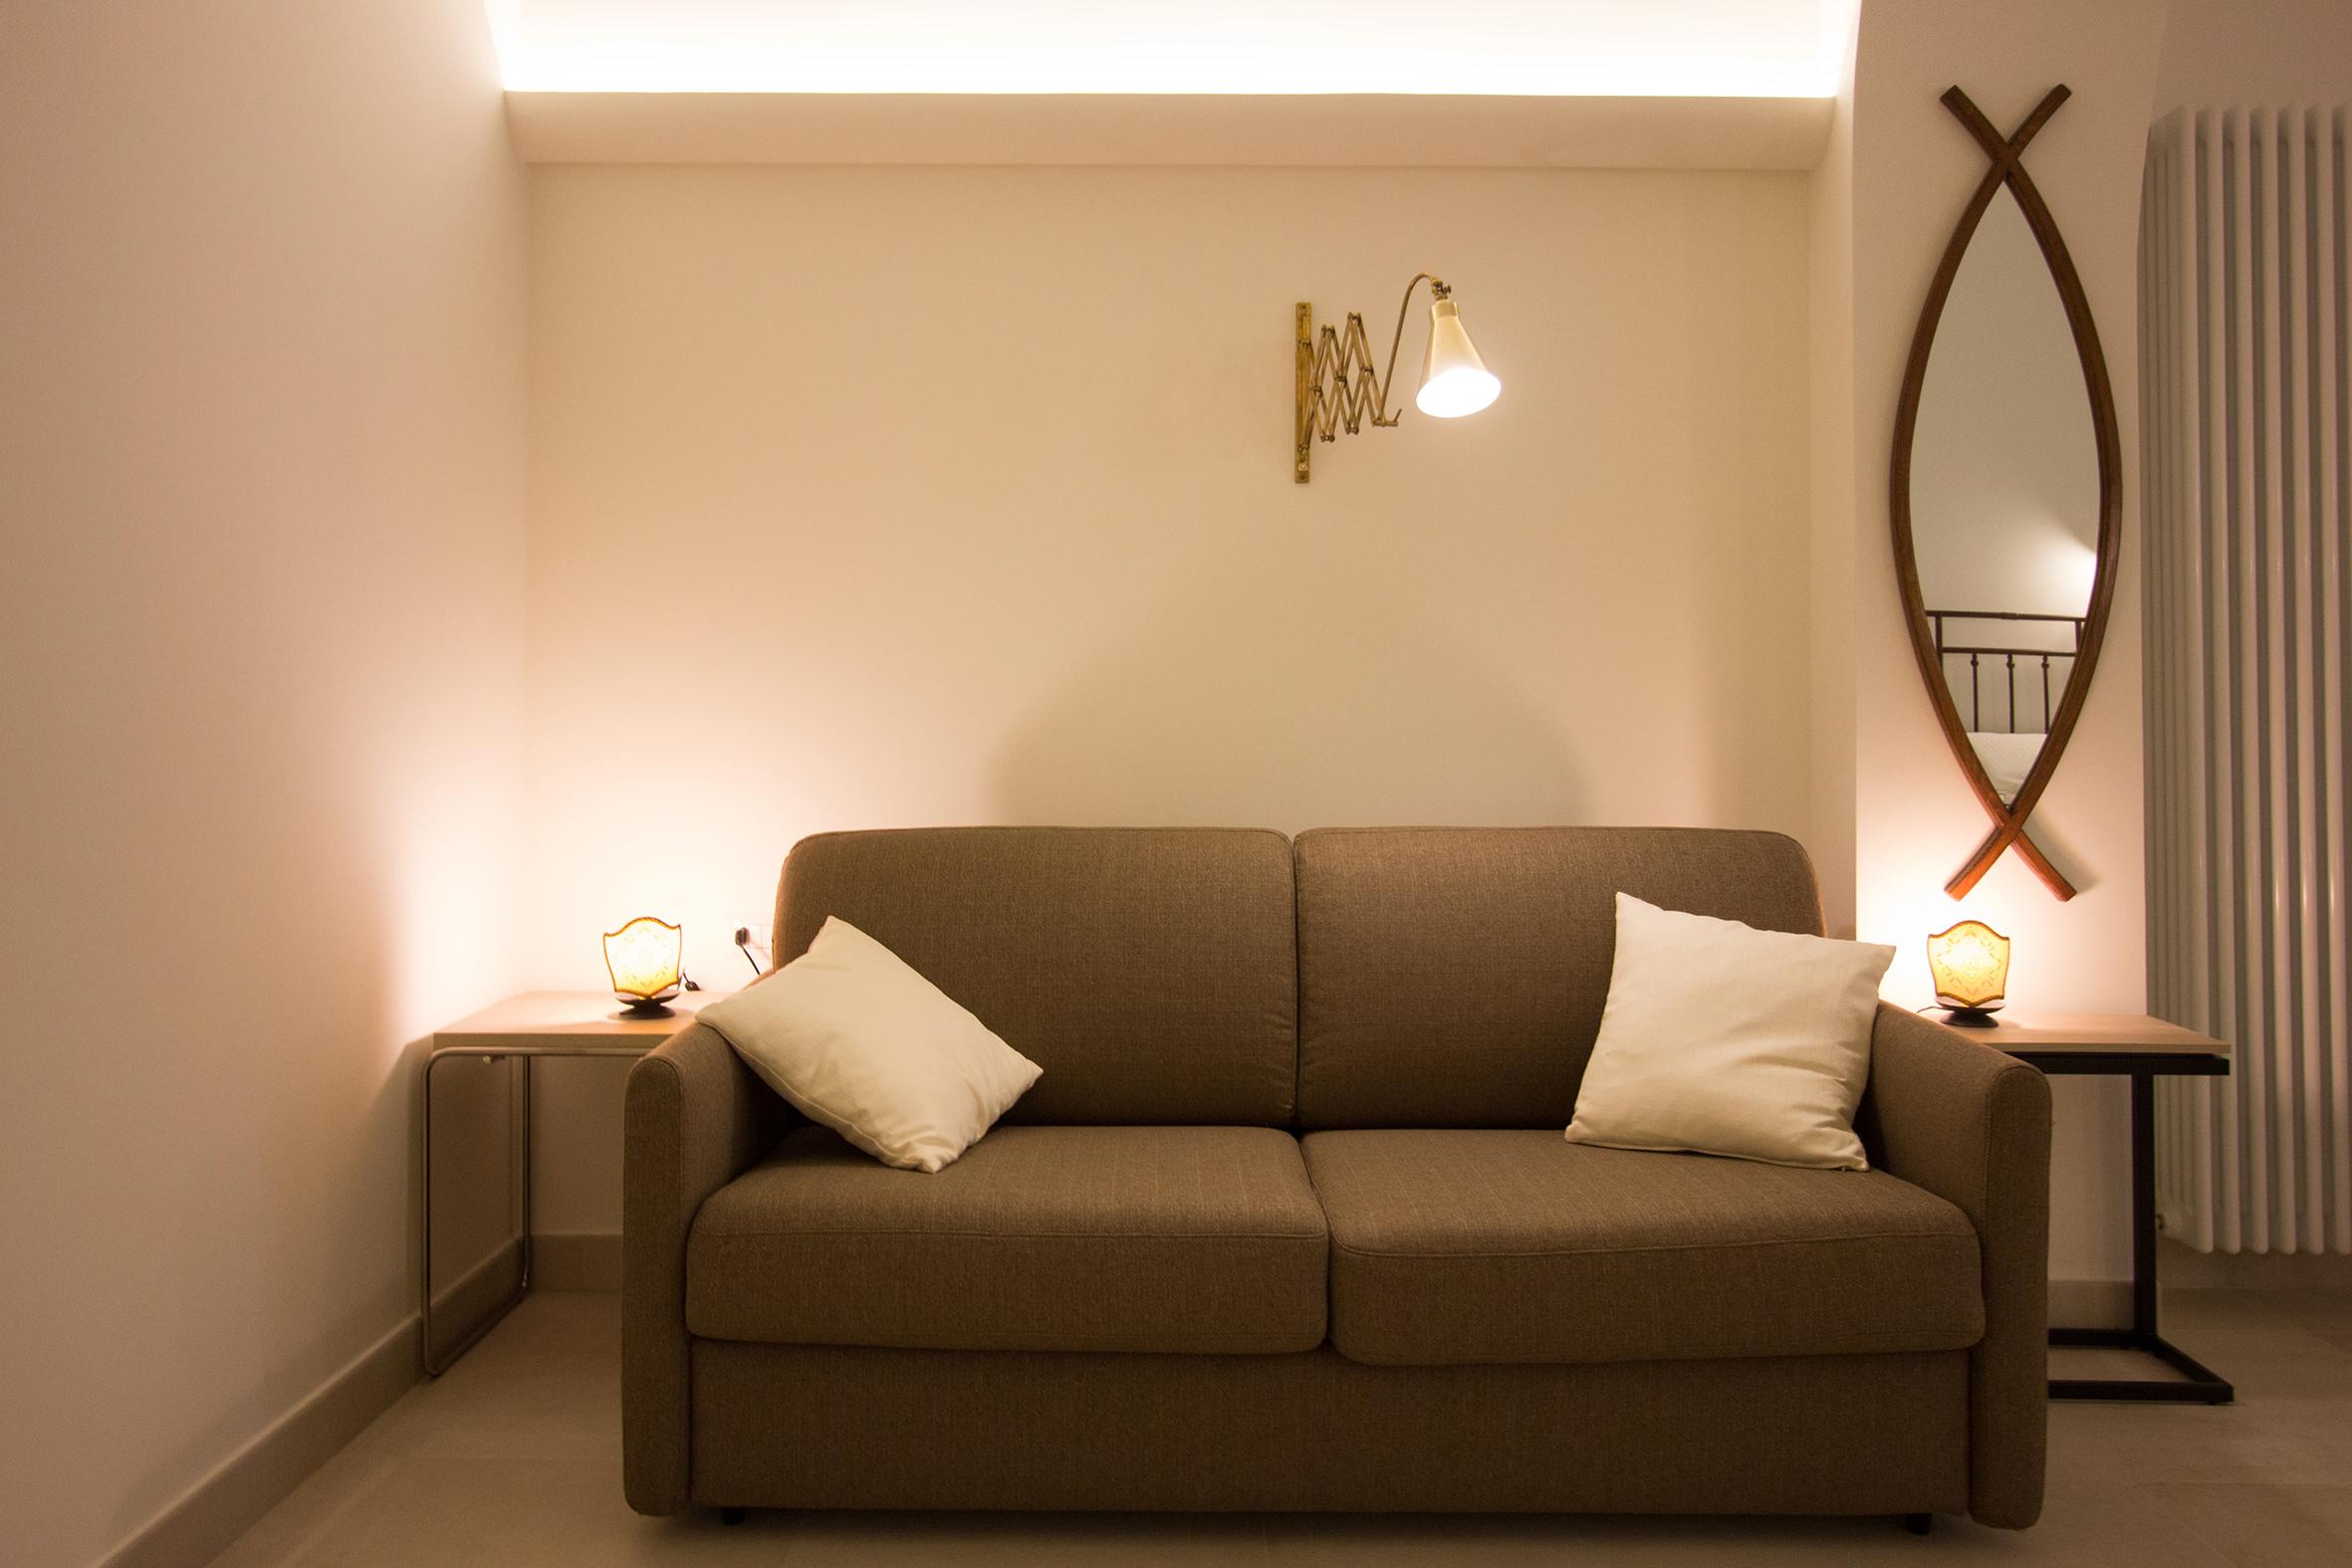 Camera Da Letto Con Divano : Camera da letto con divano letto matrimoniale